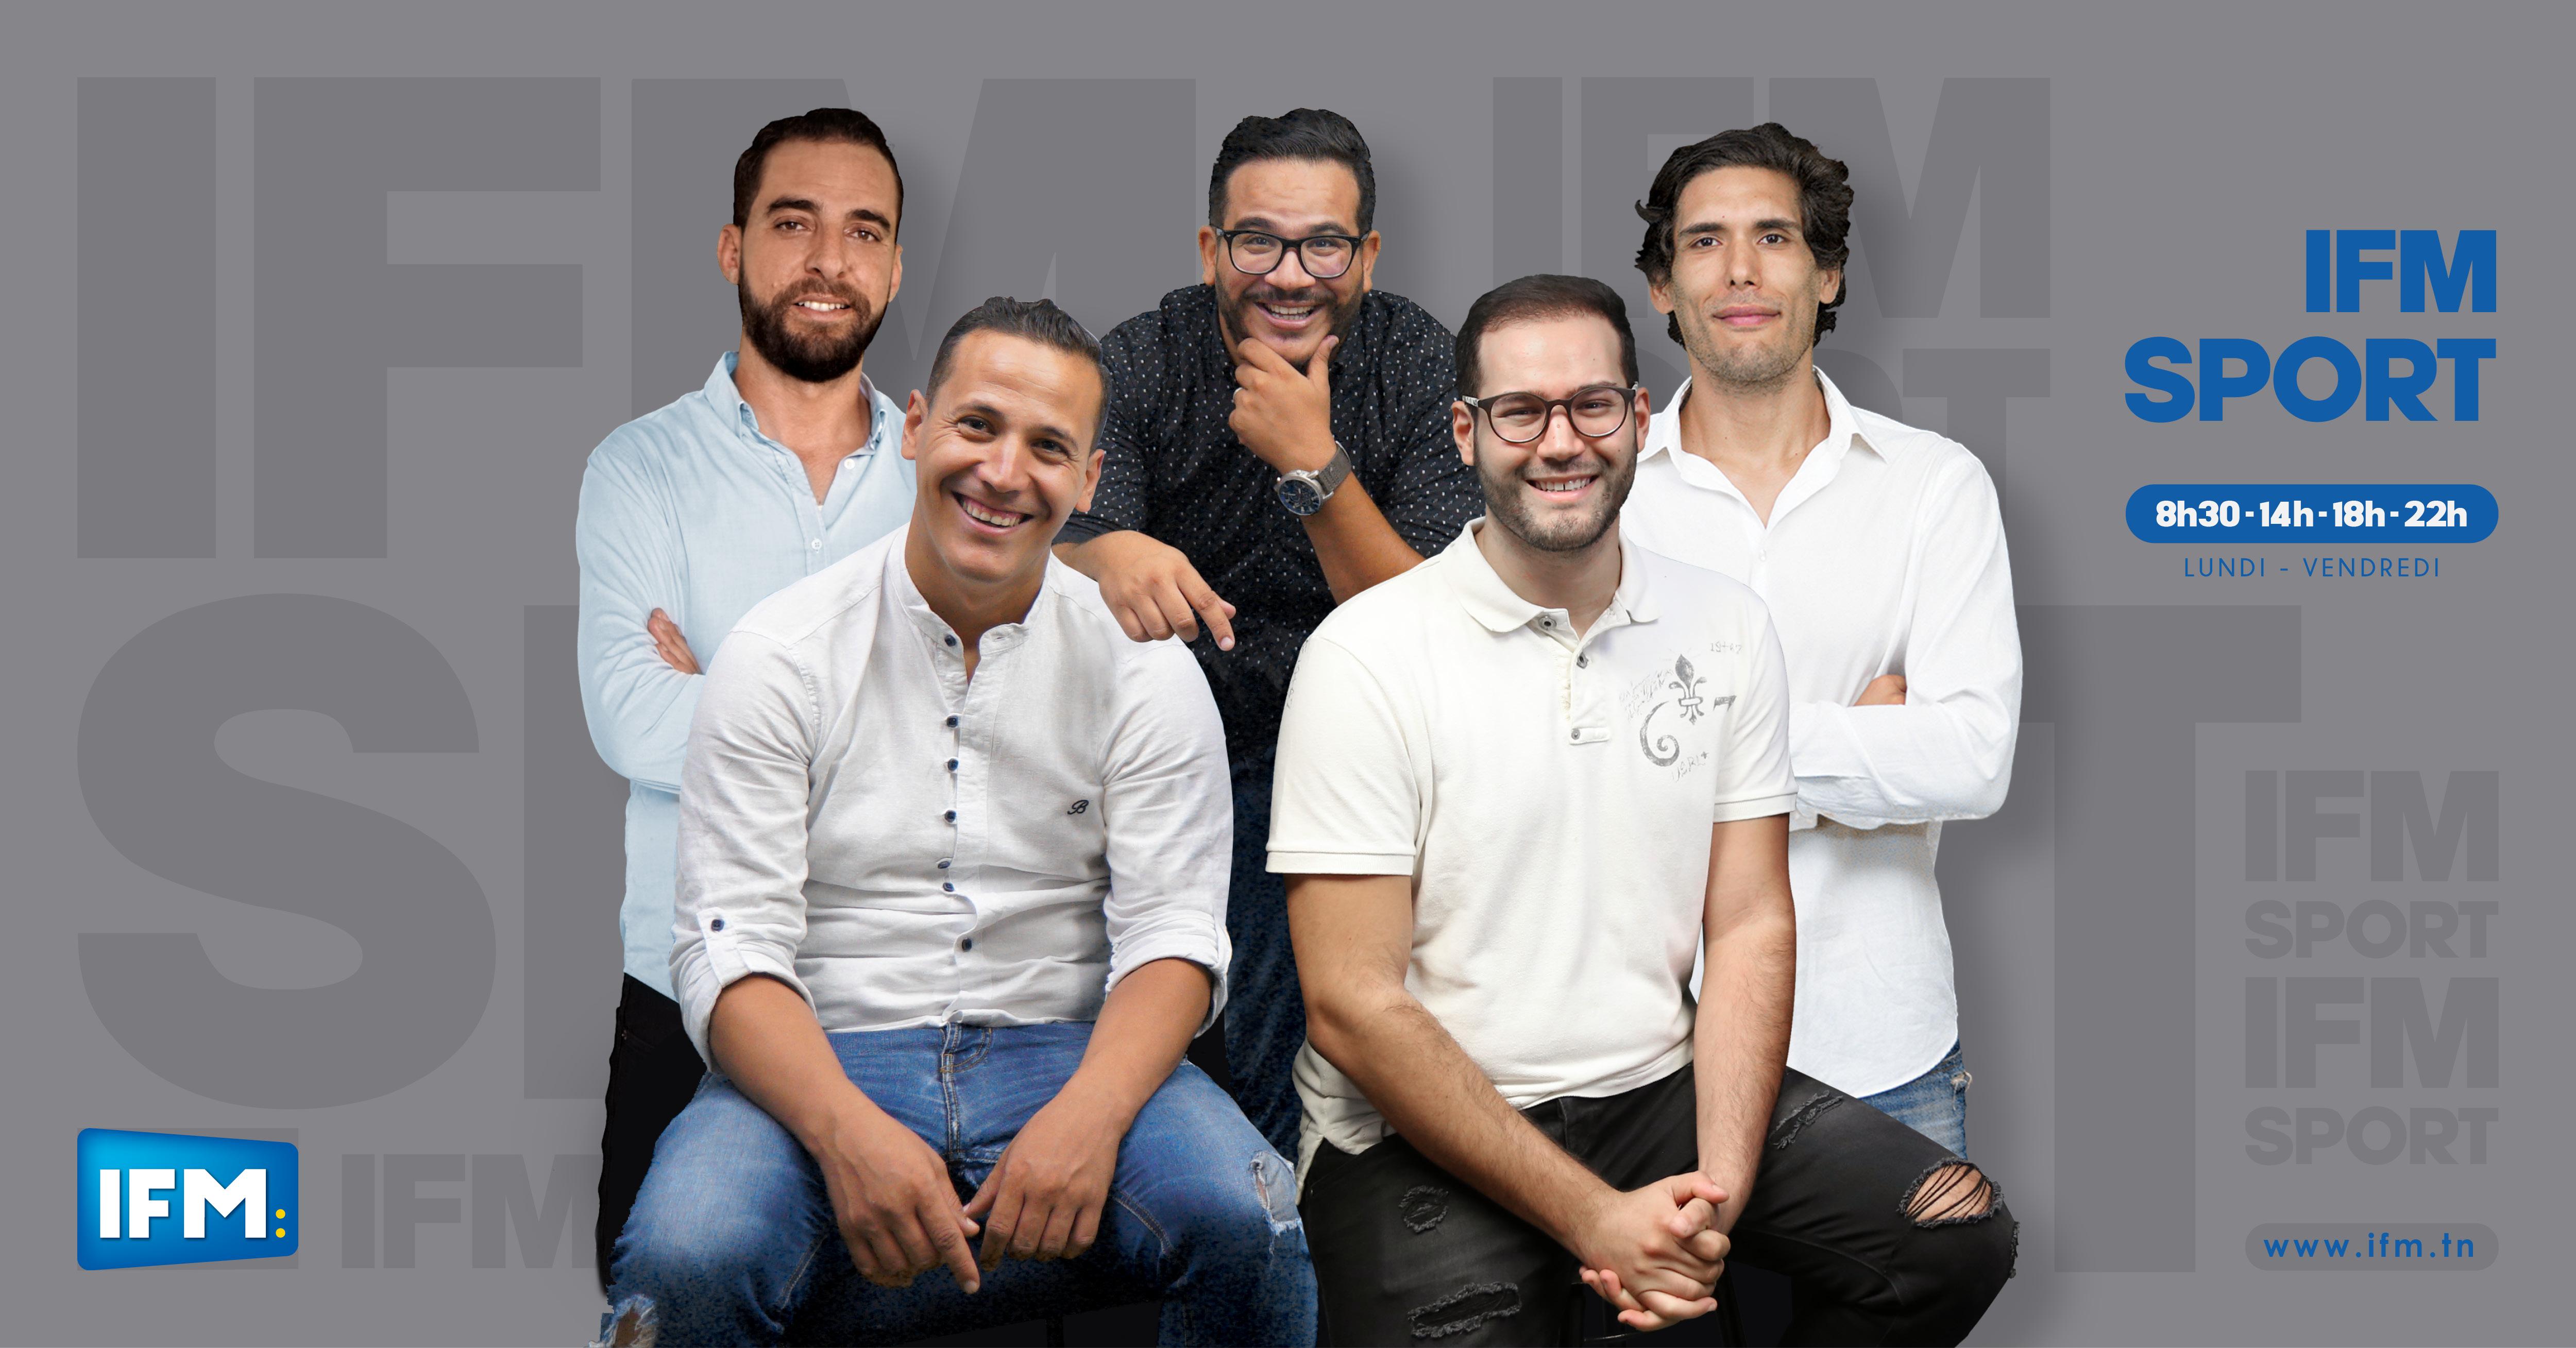 حقيقة فسخ عقود اللاعبين الجزائريين للافريقي🇵🇪وهل يستقيل سامي المقدمي؟ فلاش سبورت